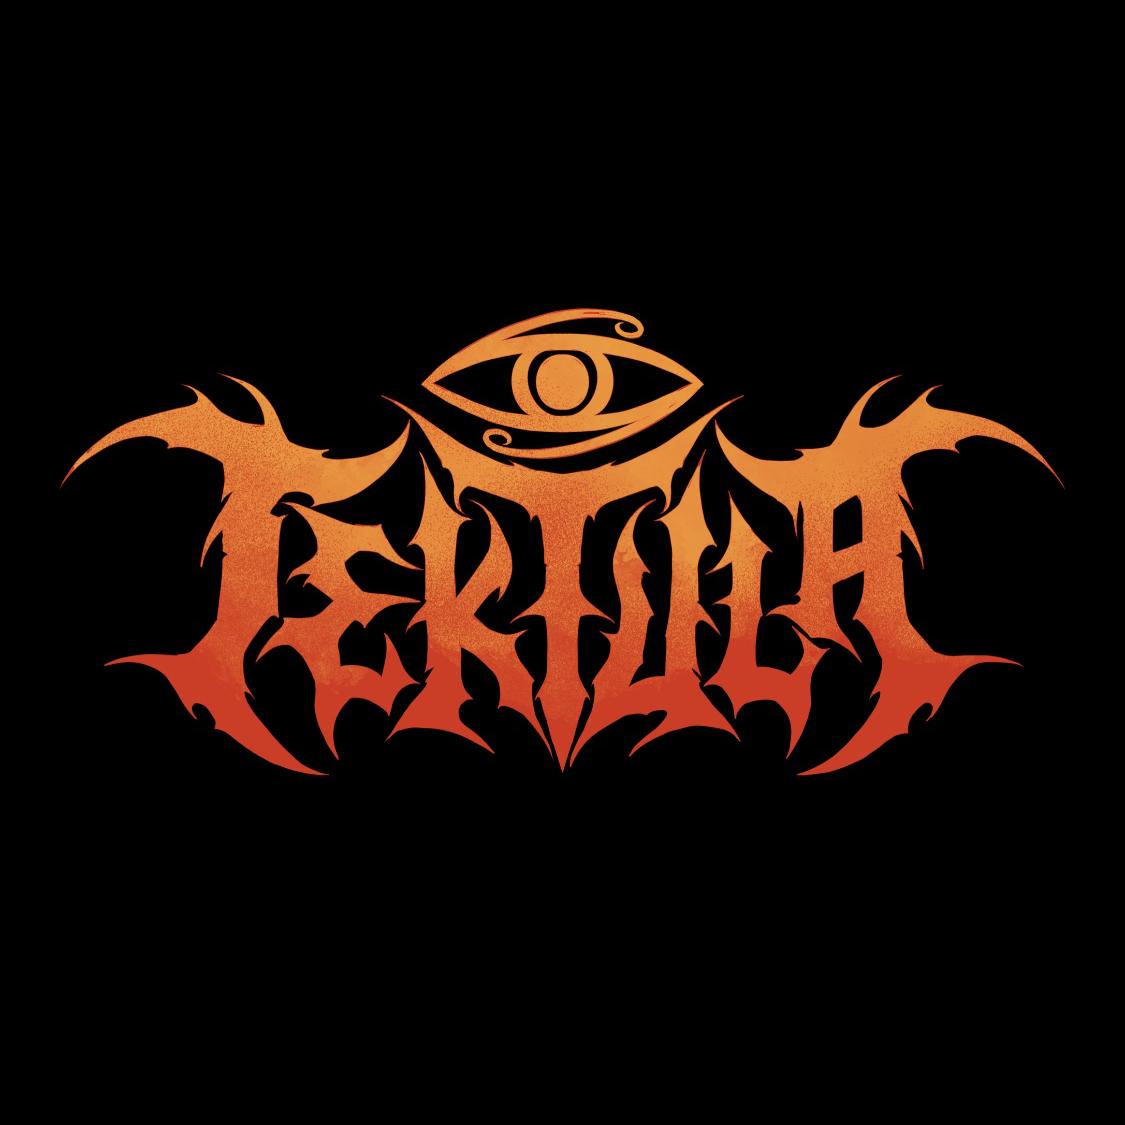 TEKTULA Image